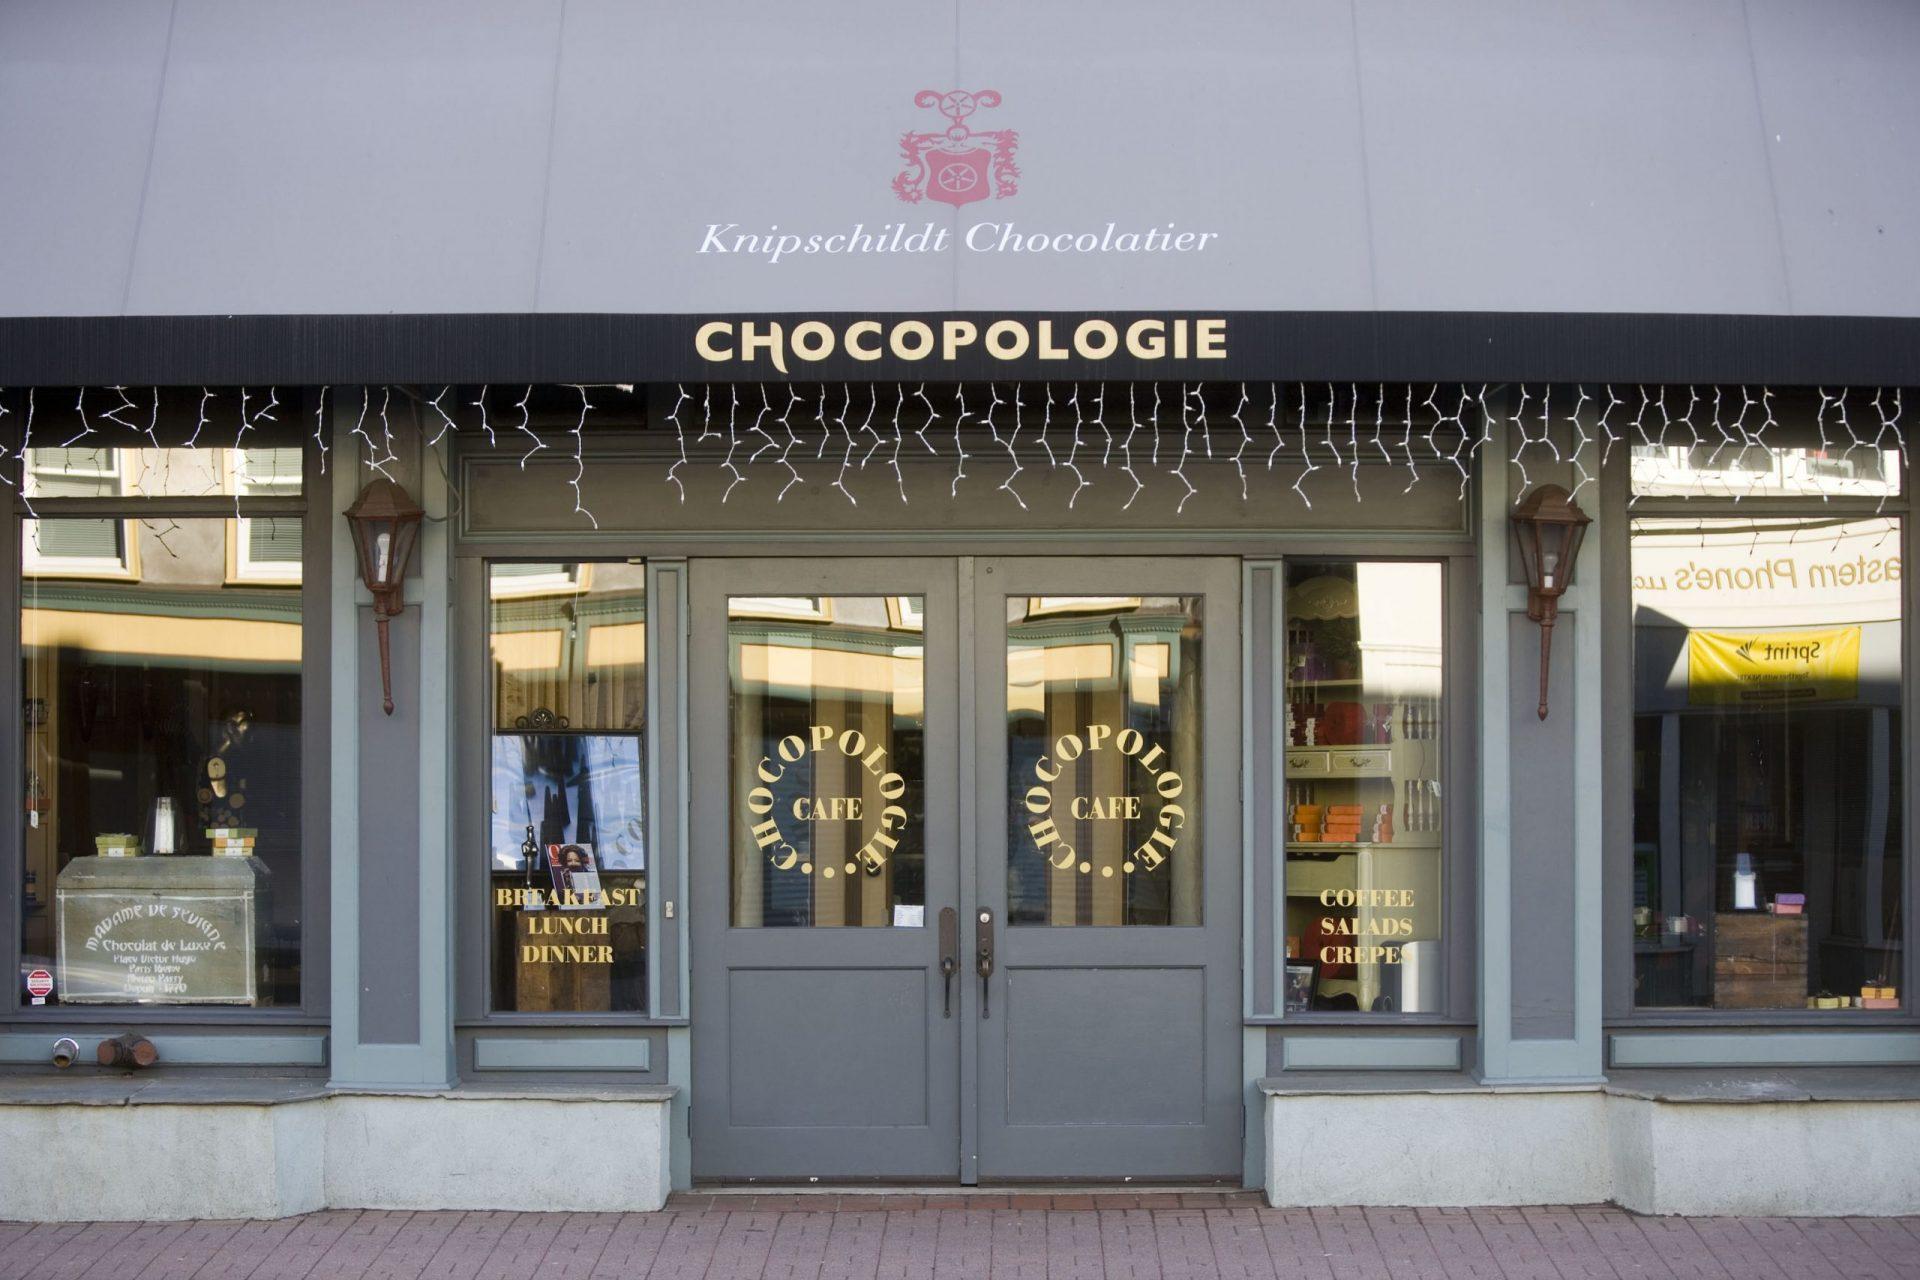 Knipschildt Chocolatier_Chocopologie Cafe